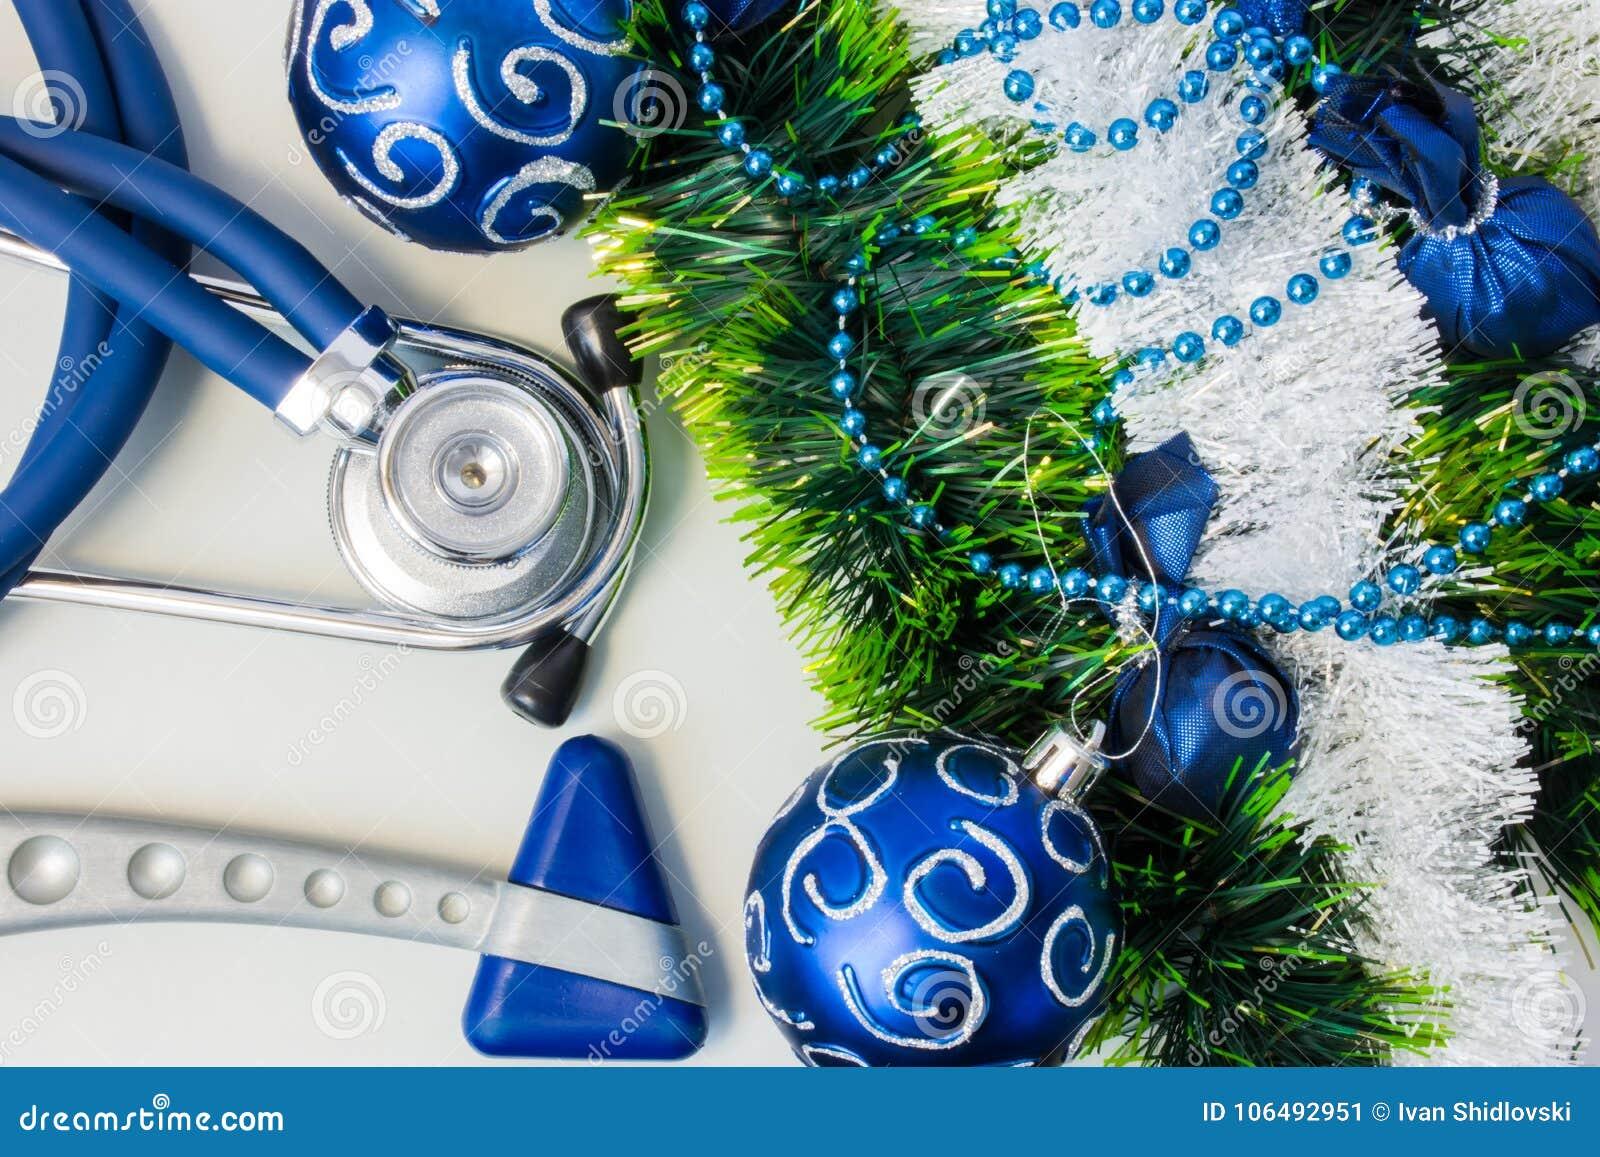 Открытка медицина и новый год